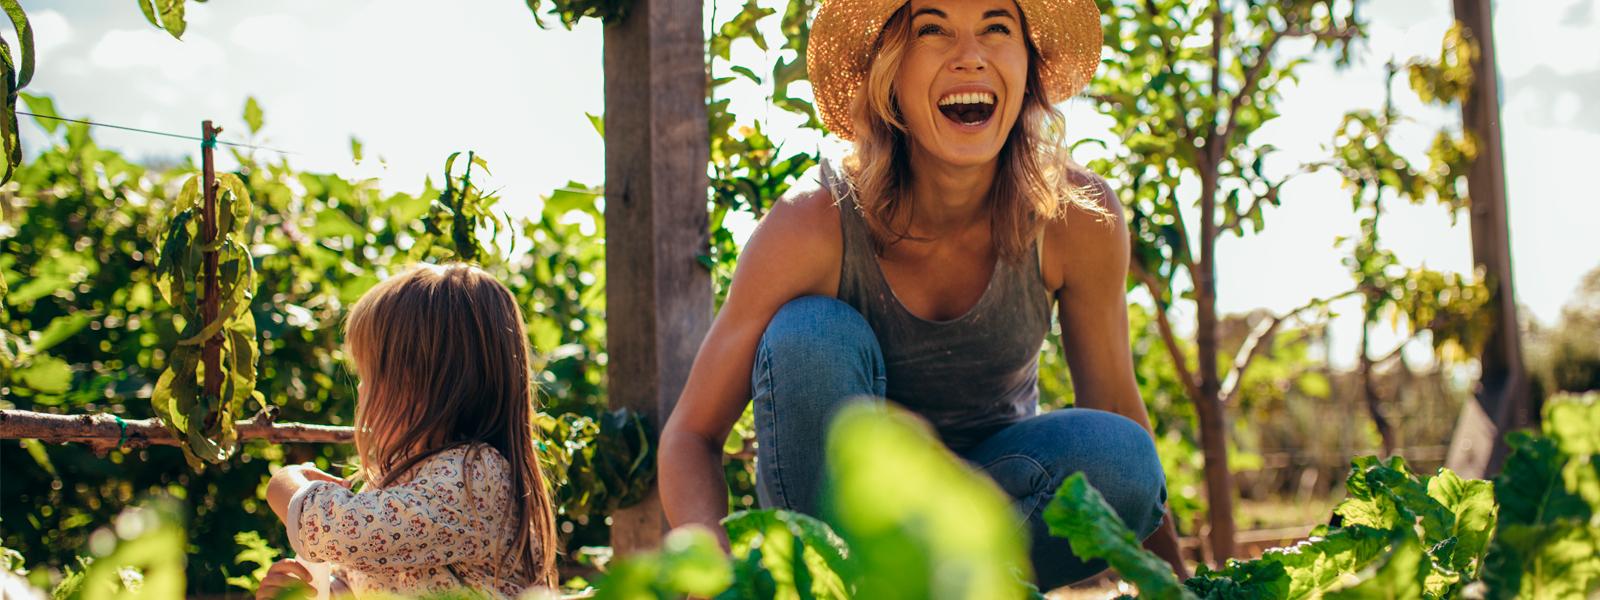 ingredientes-carino-sustentabilidad-cuidado-naturaleza